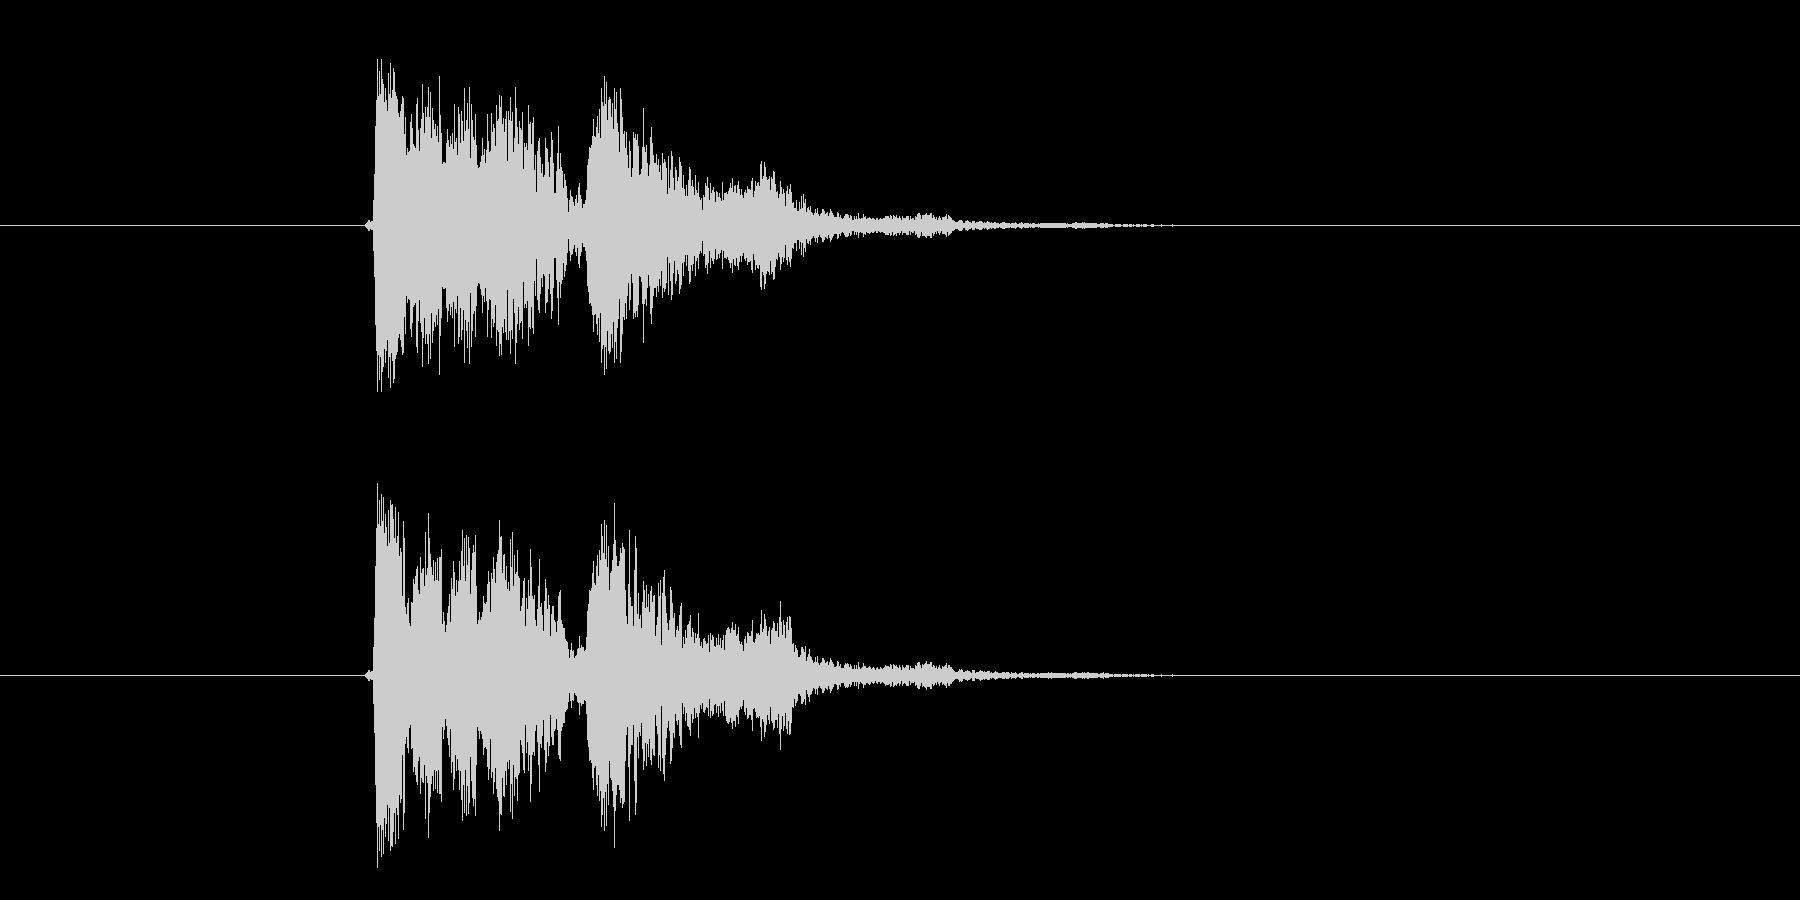 コミカルボイス音(妖精、アニメ)の未再生の波形